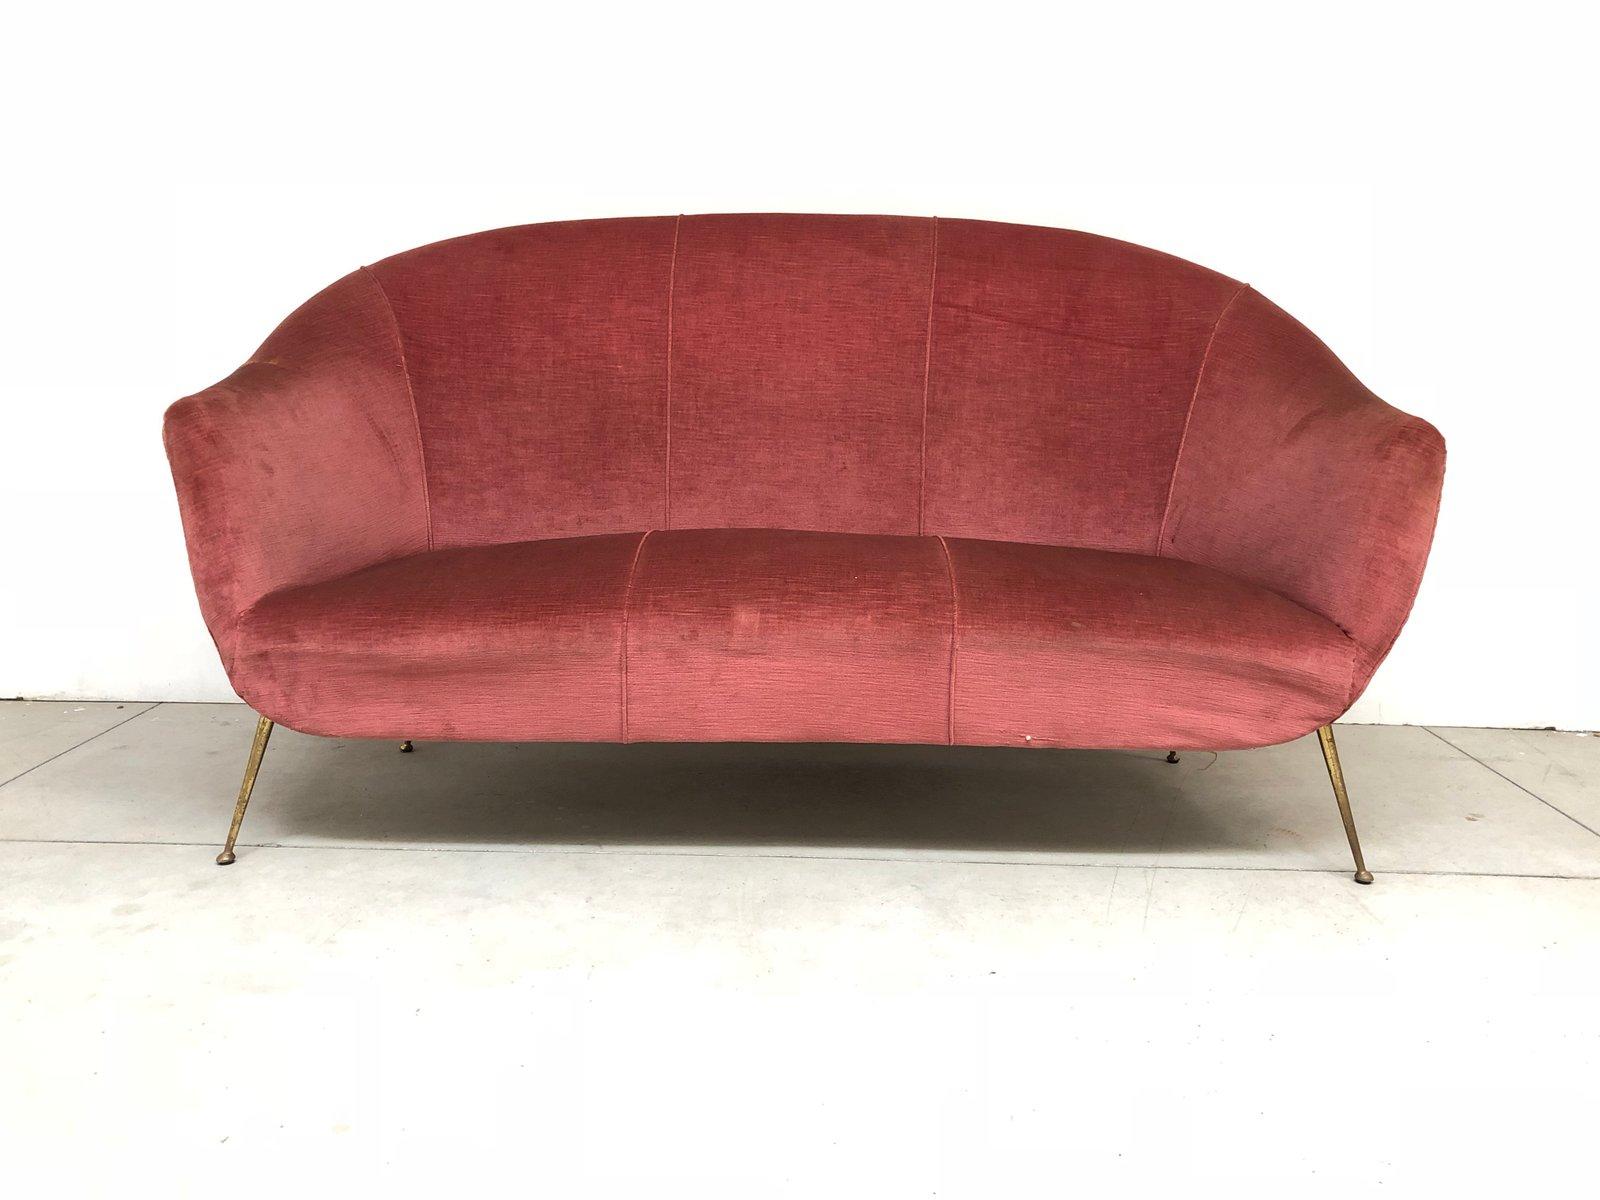 italienisches vintage sofa mit beinen aus messing 1950er bei pamono kaufen. Black Bedroom Furniture Sets. Home Design Ideas